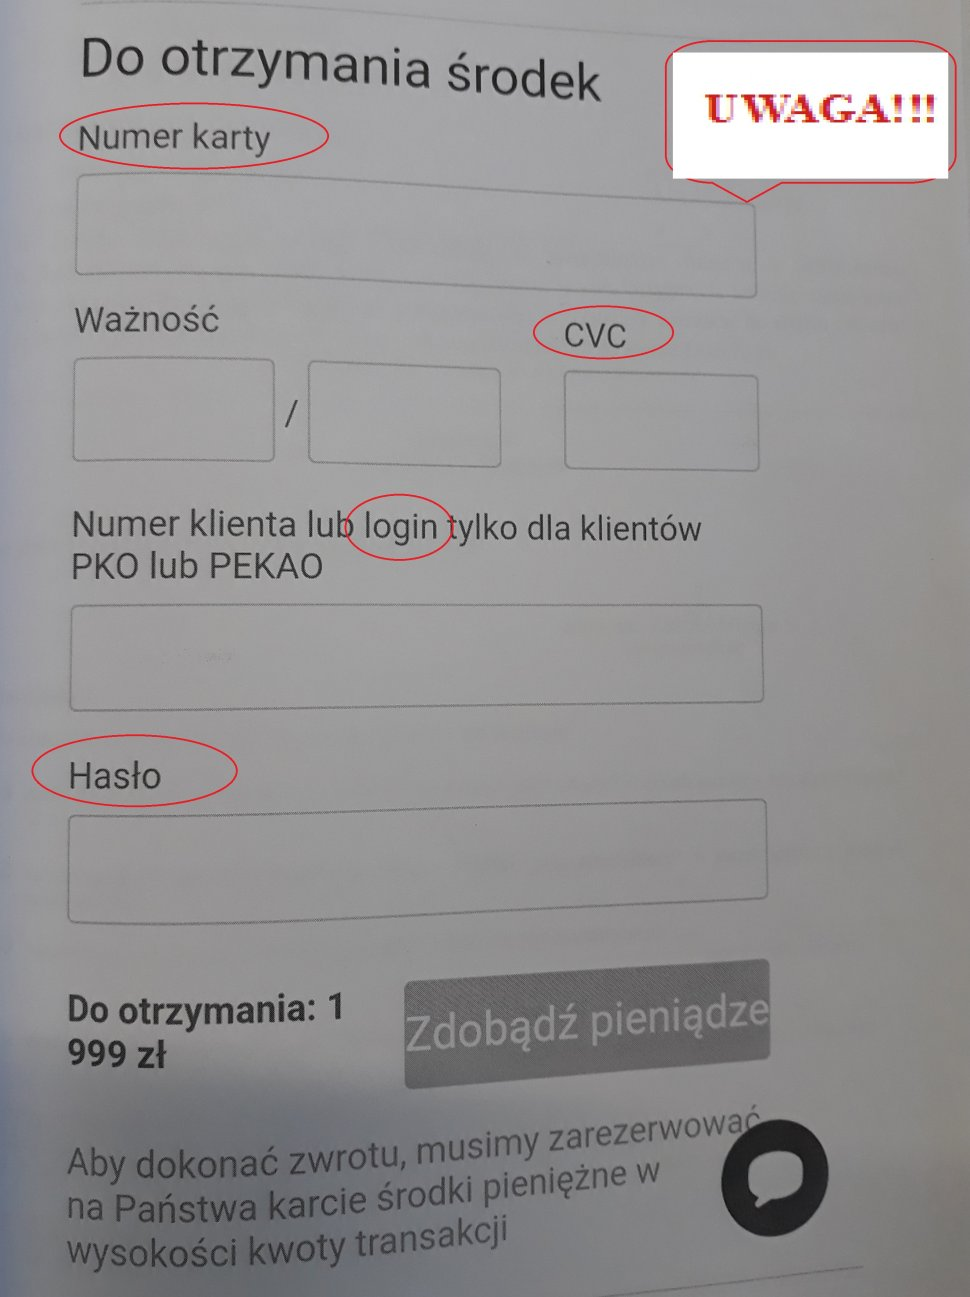 Fotografia przedstawia fałszywy formularz, w którym sprzedający dany przedmiot, ma podać numer karty, CCV, login i hasło do konta.